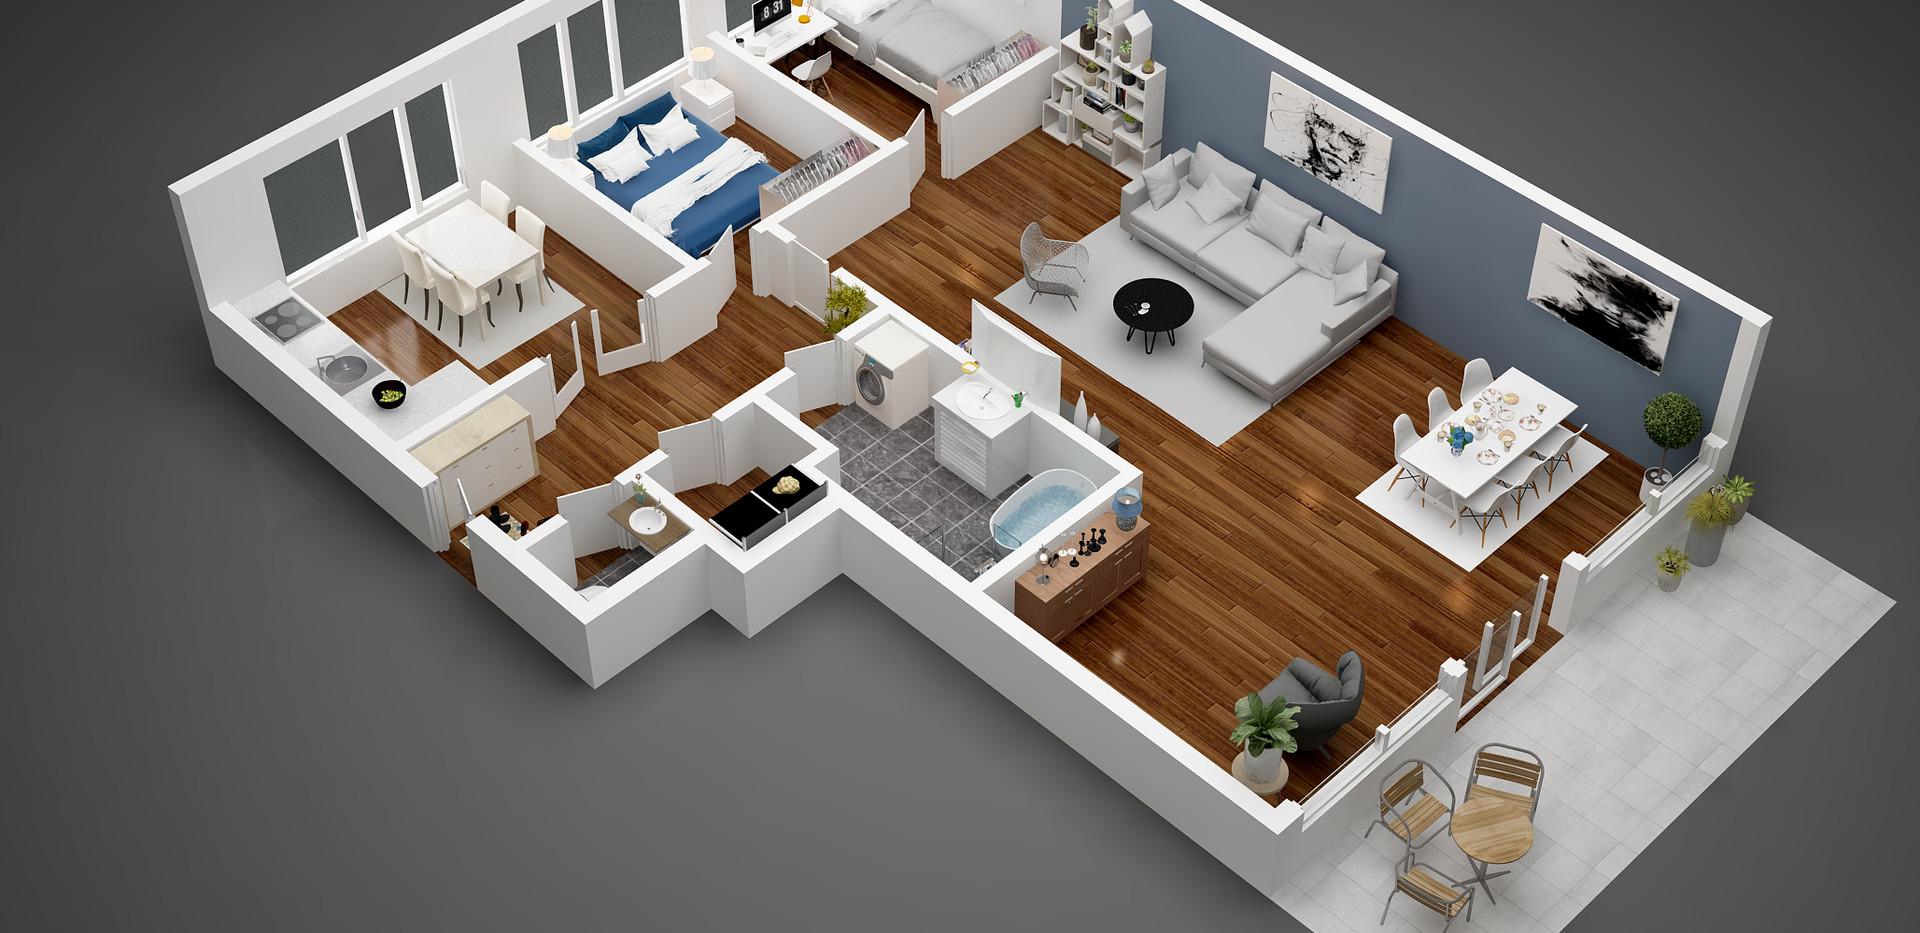 pro 3d floor plan